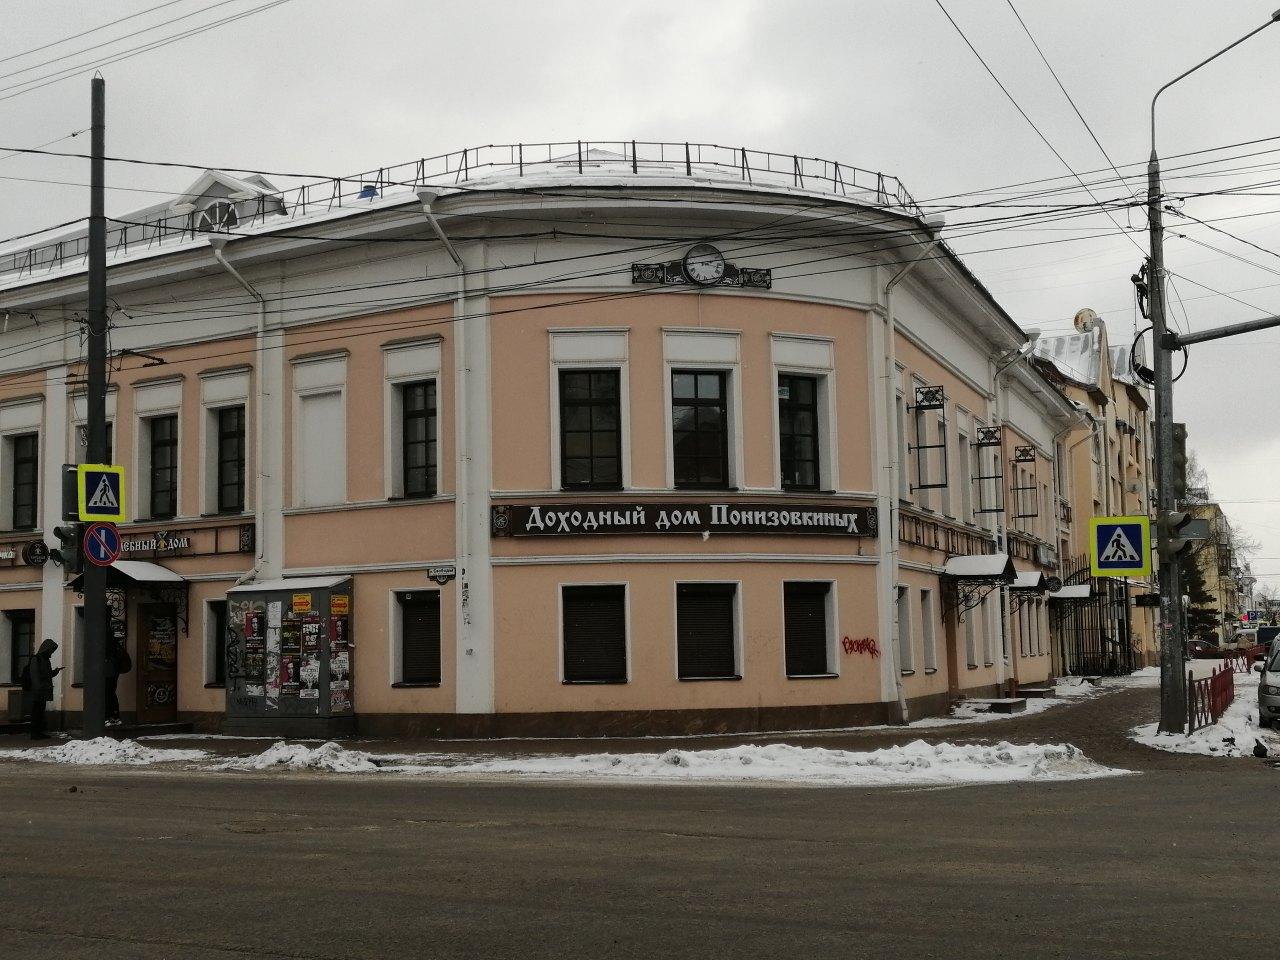 В центре Ярославля арестовали «Доходный дом Понизовкиных» за 70-миллионный долг владельца объекта культурного наследия